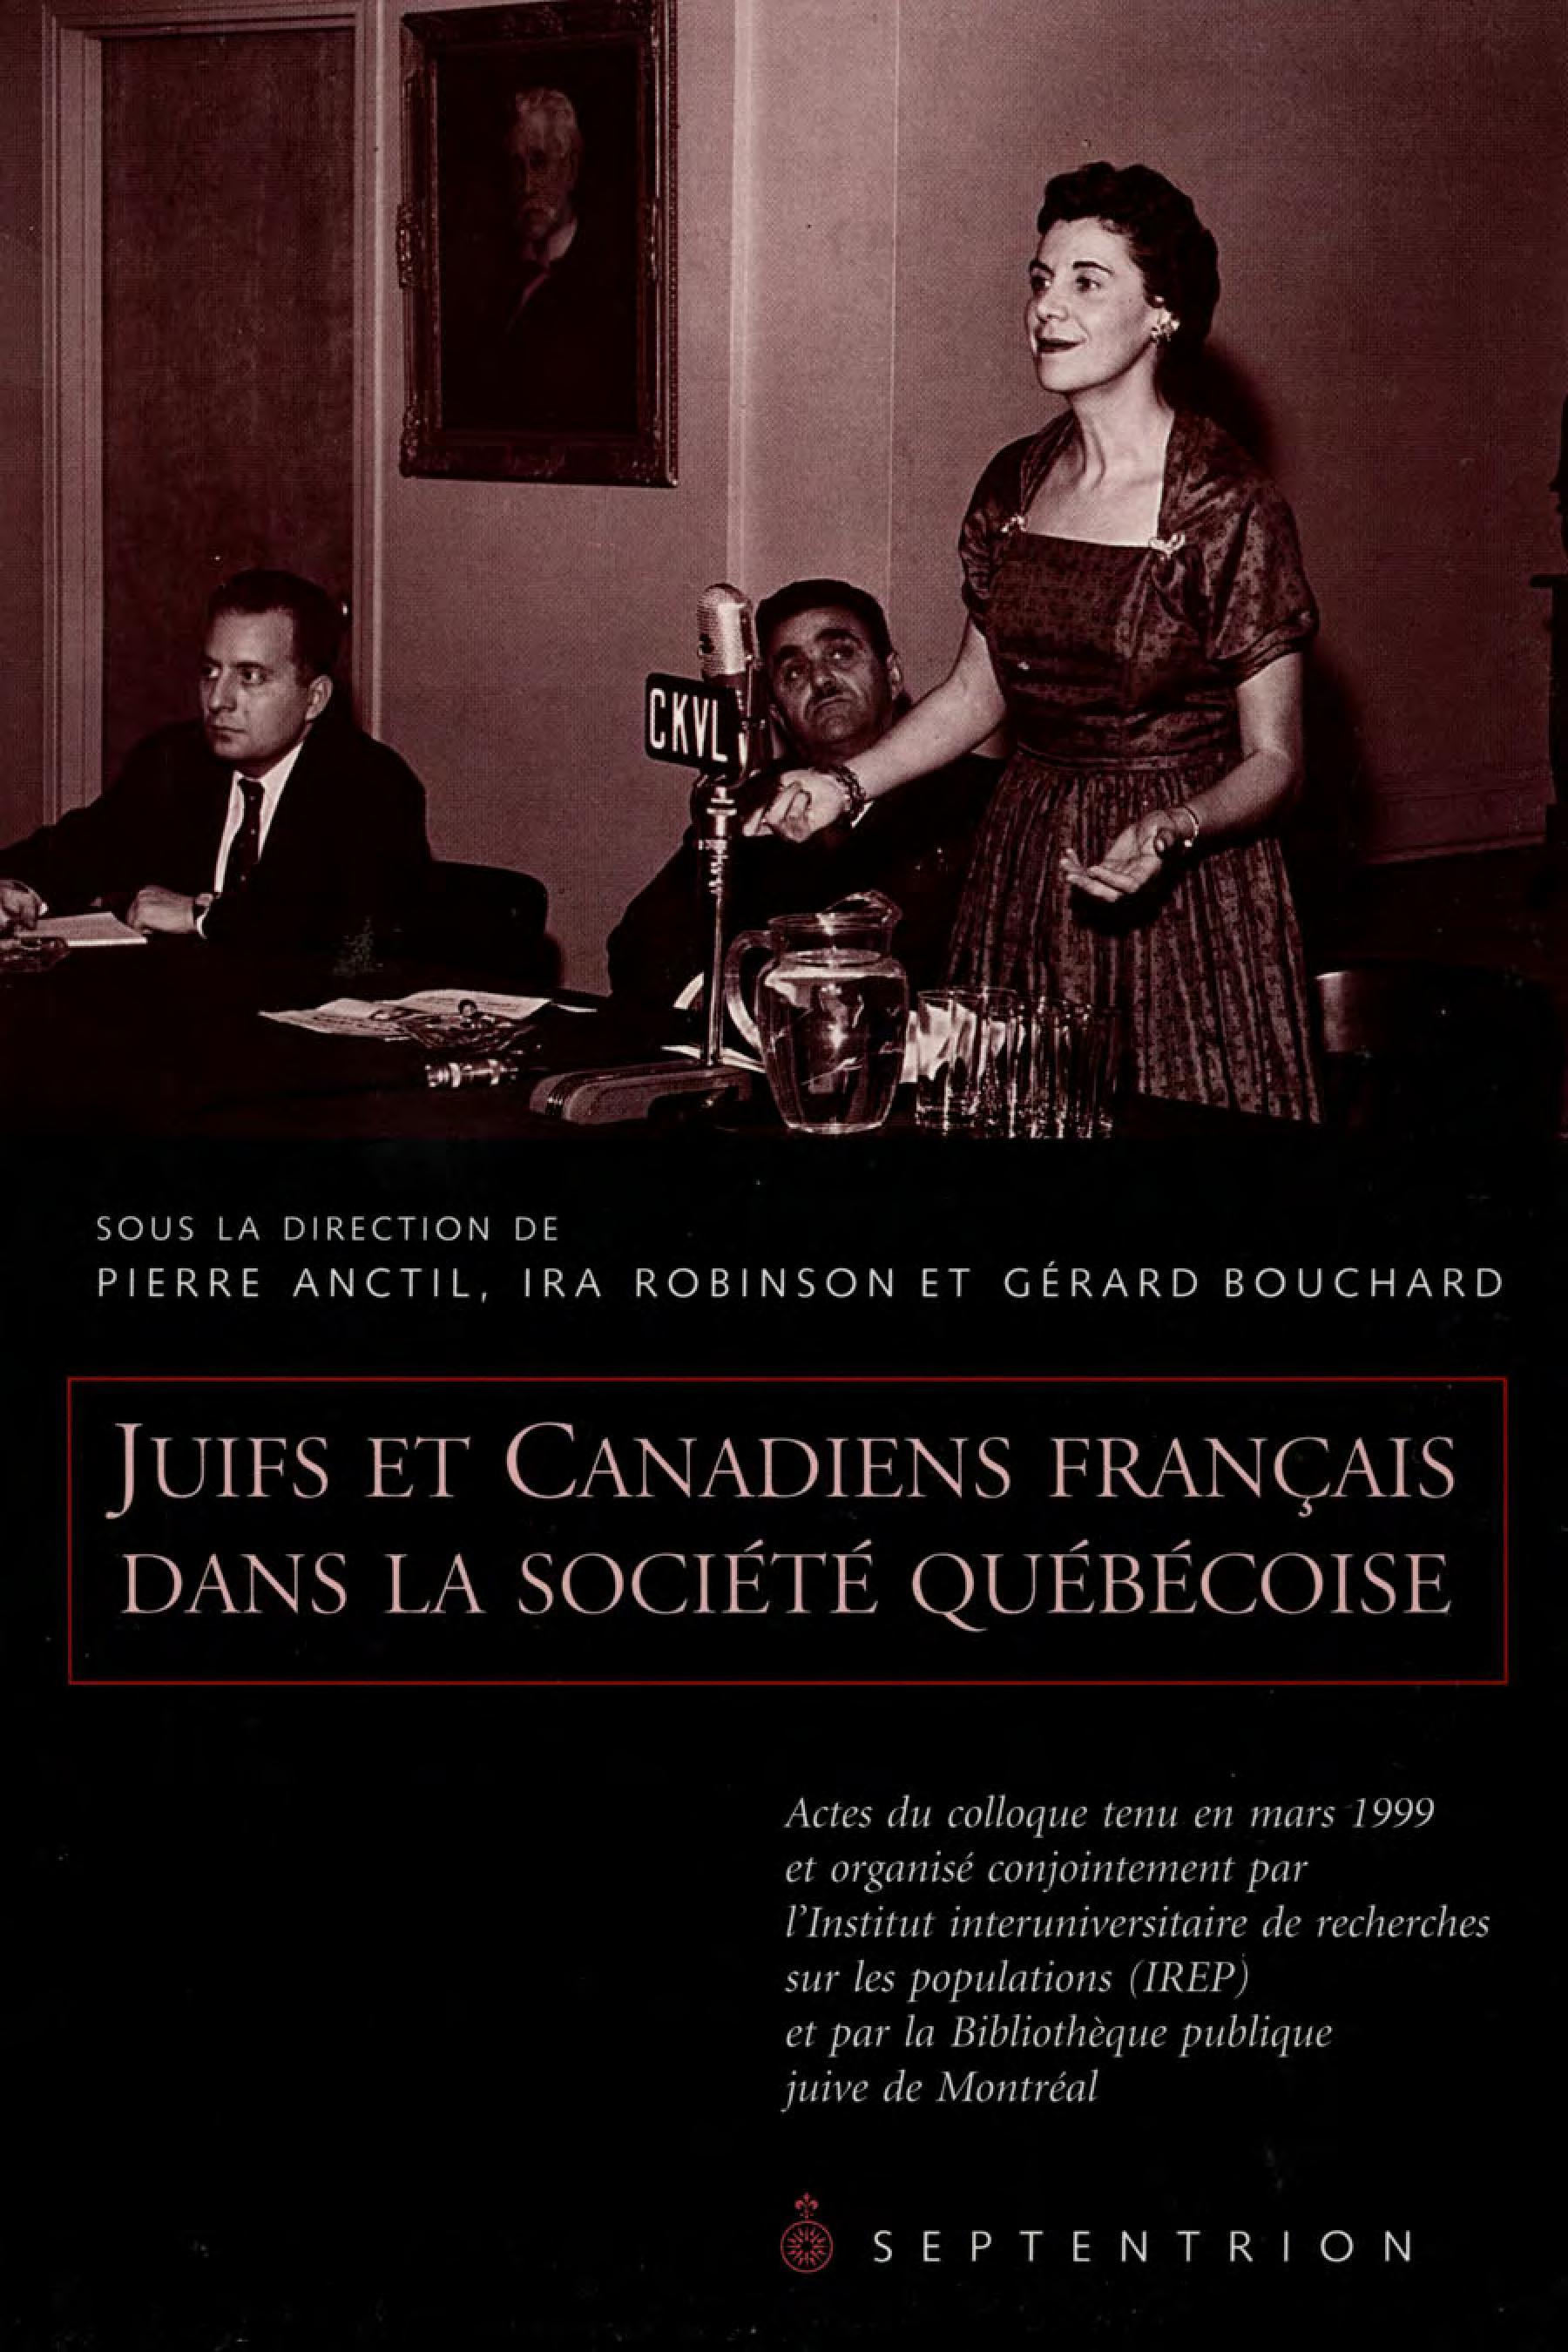 Juifs et Canadiens français dans la société québécoise